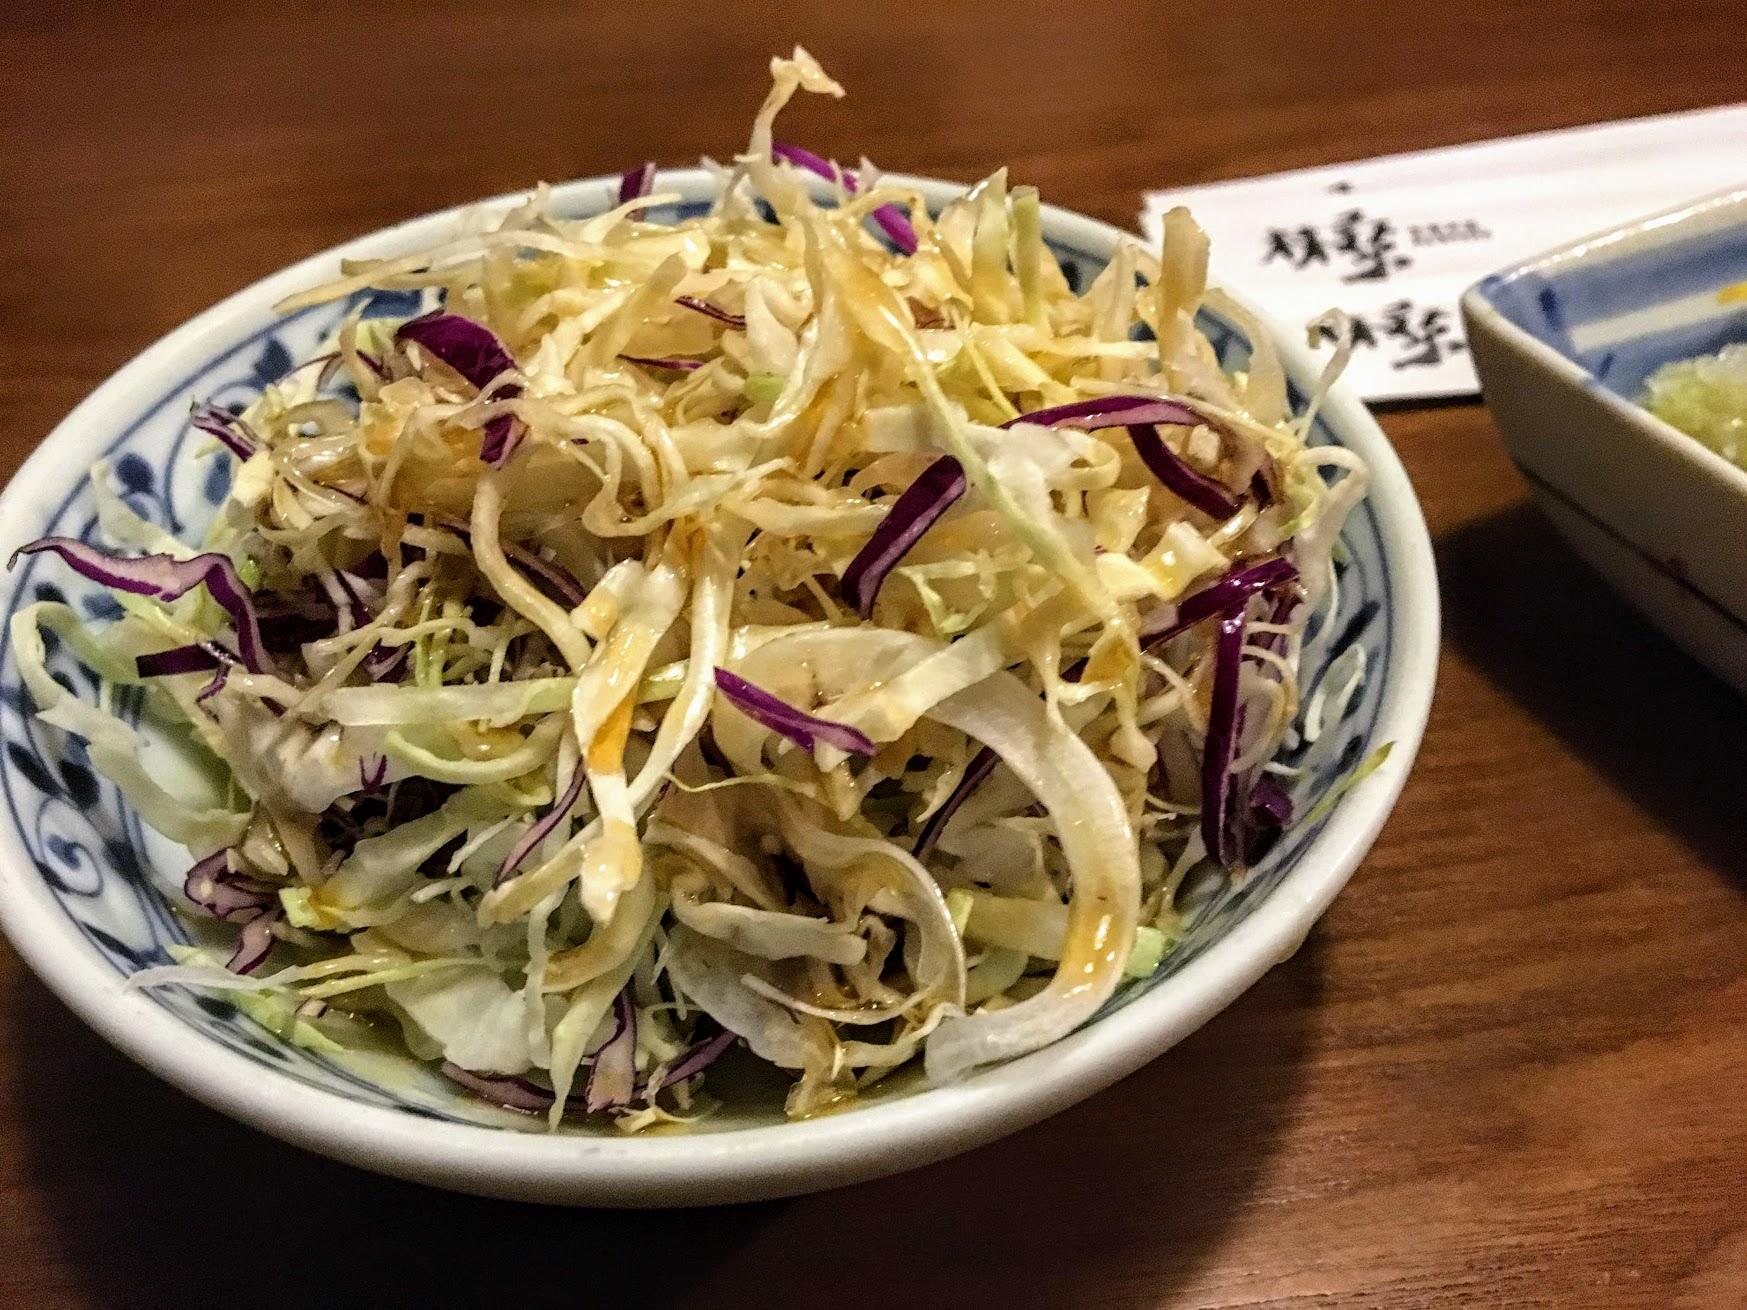 贈送的前菜,是清爽的生菜沙拉